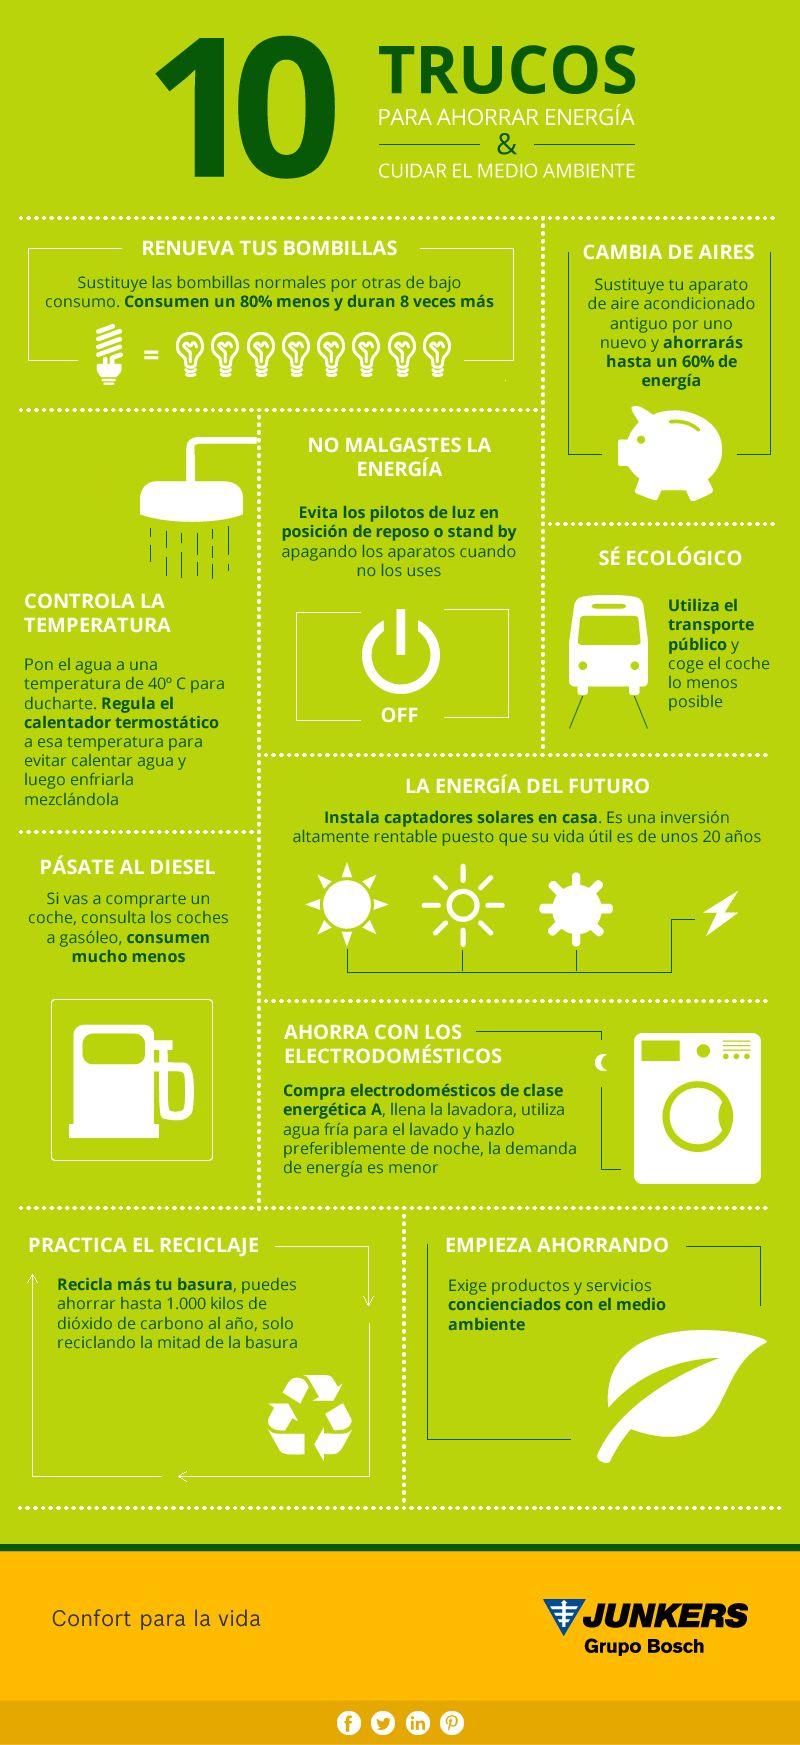 10 trucos para ahorrar energía y cuidar el medio ambiente